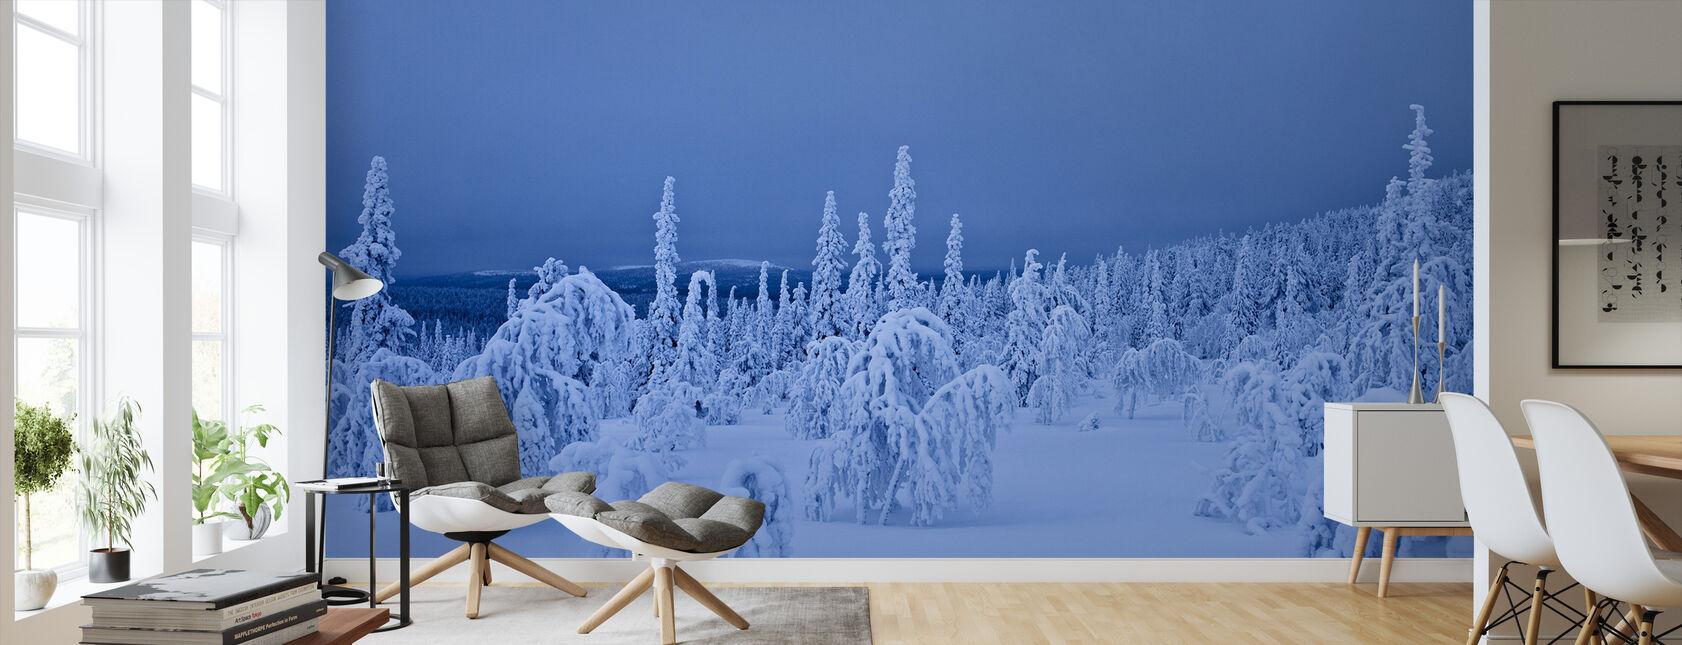 Sininen talvi Lapissa, Ruotsissa - Tapetti - Olohuone